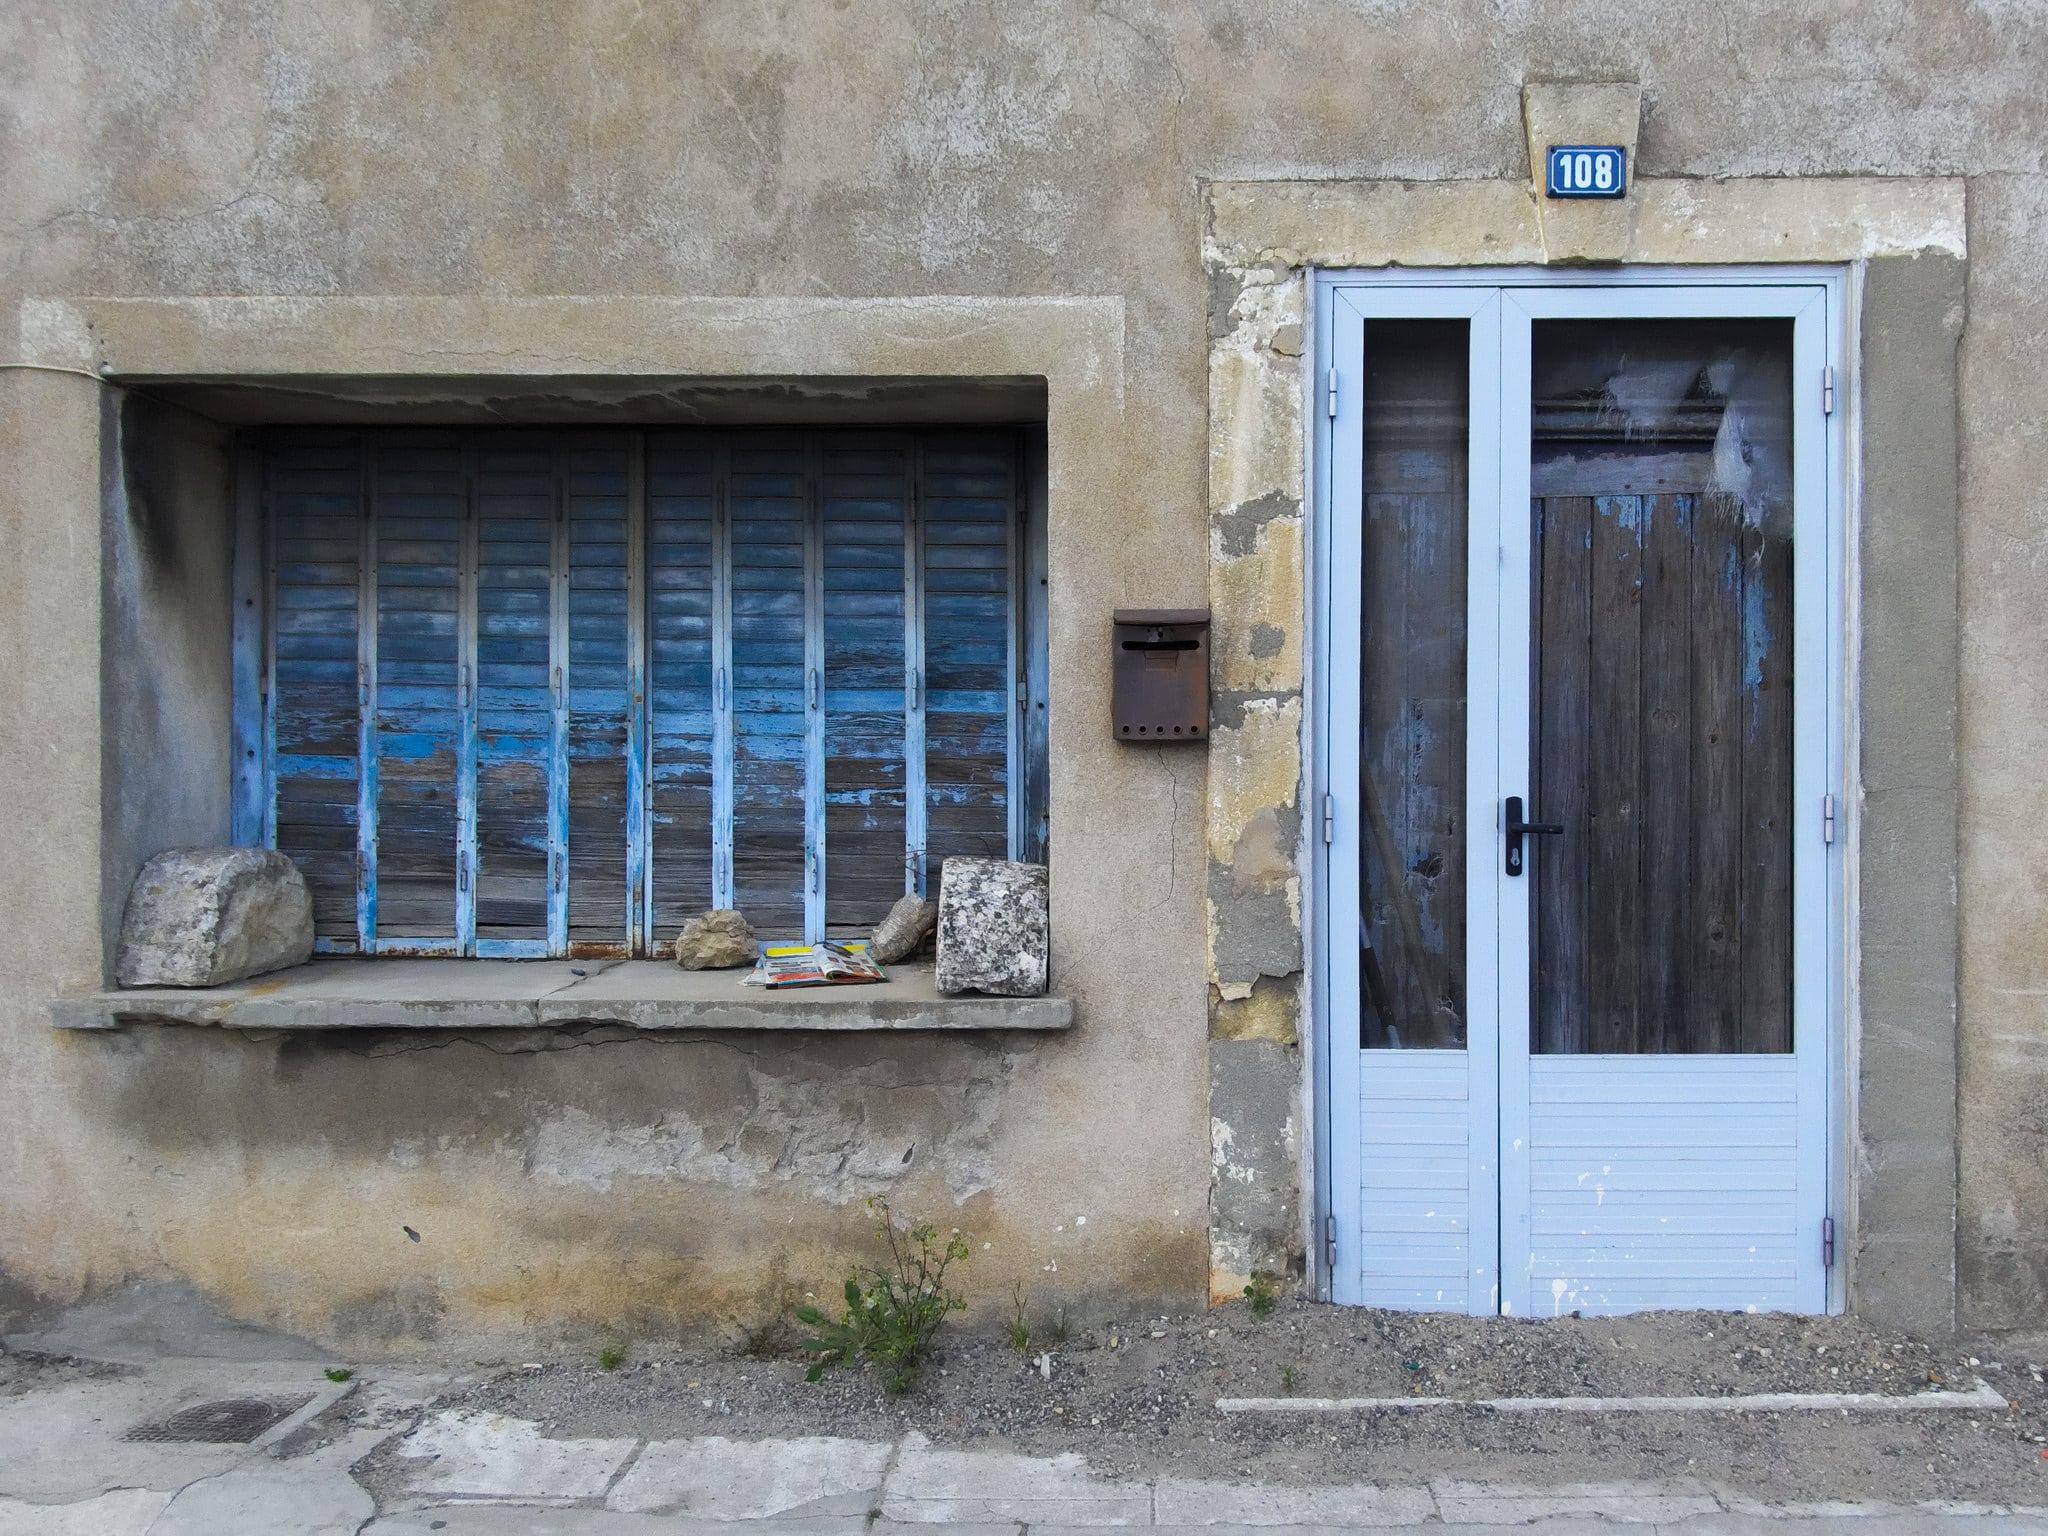 Les inconvénients de la porte en aluminum CC by =Nahemoth=